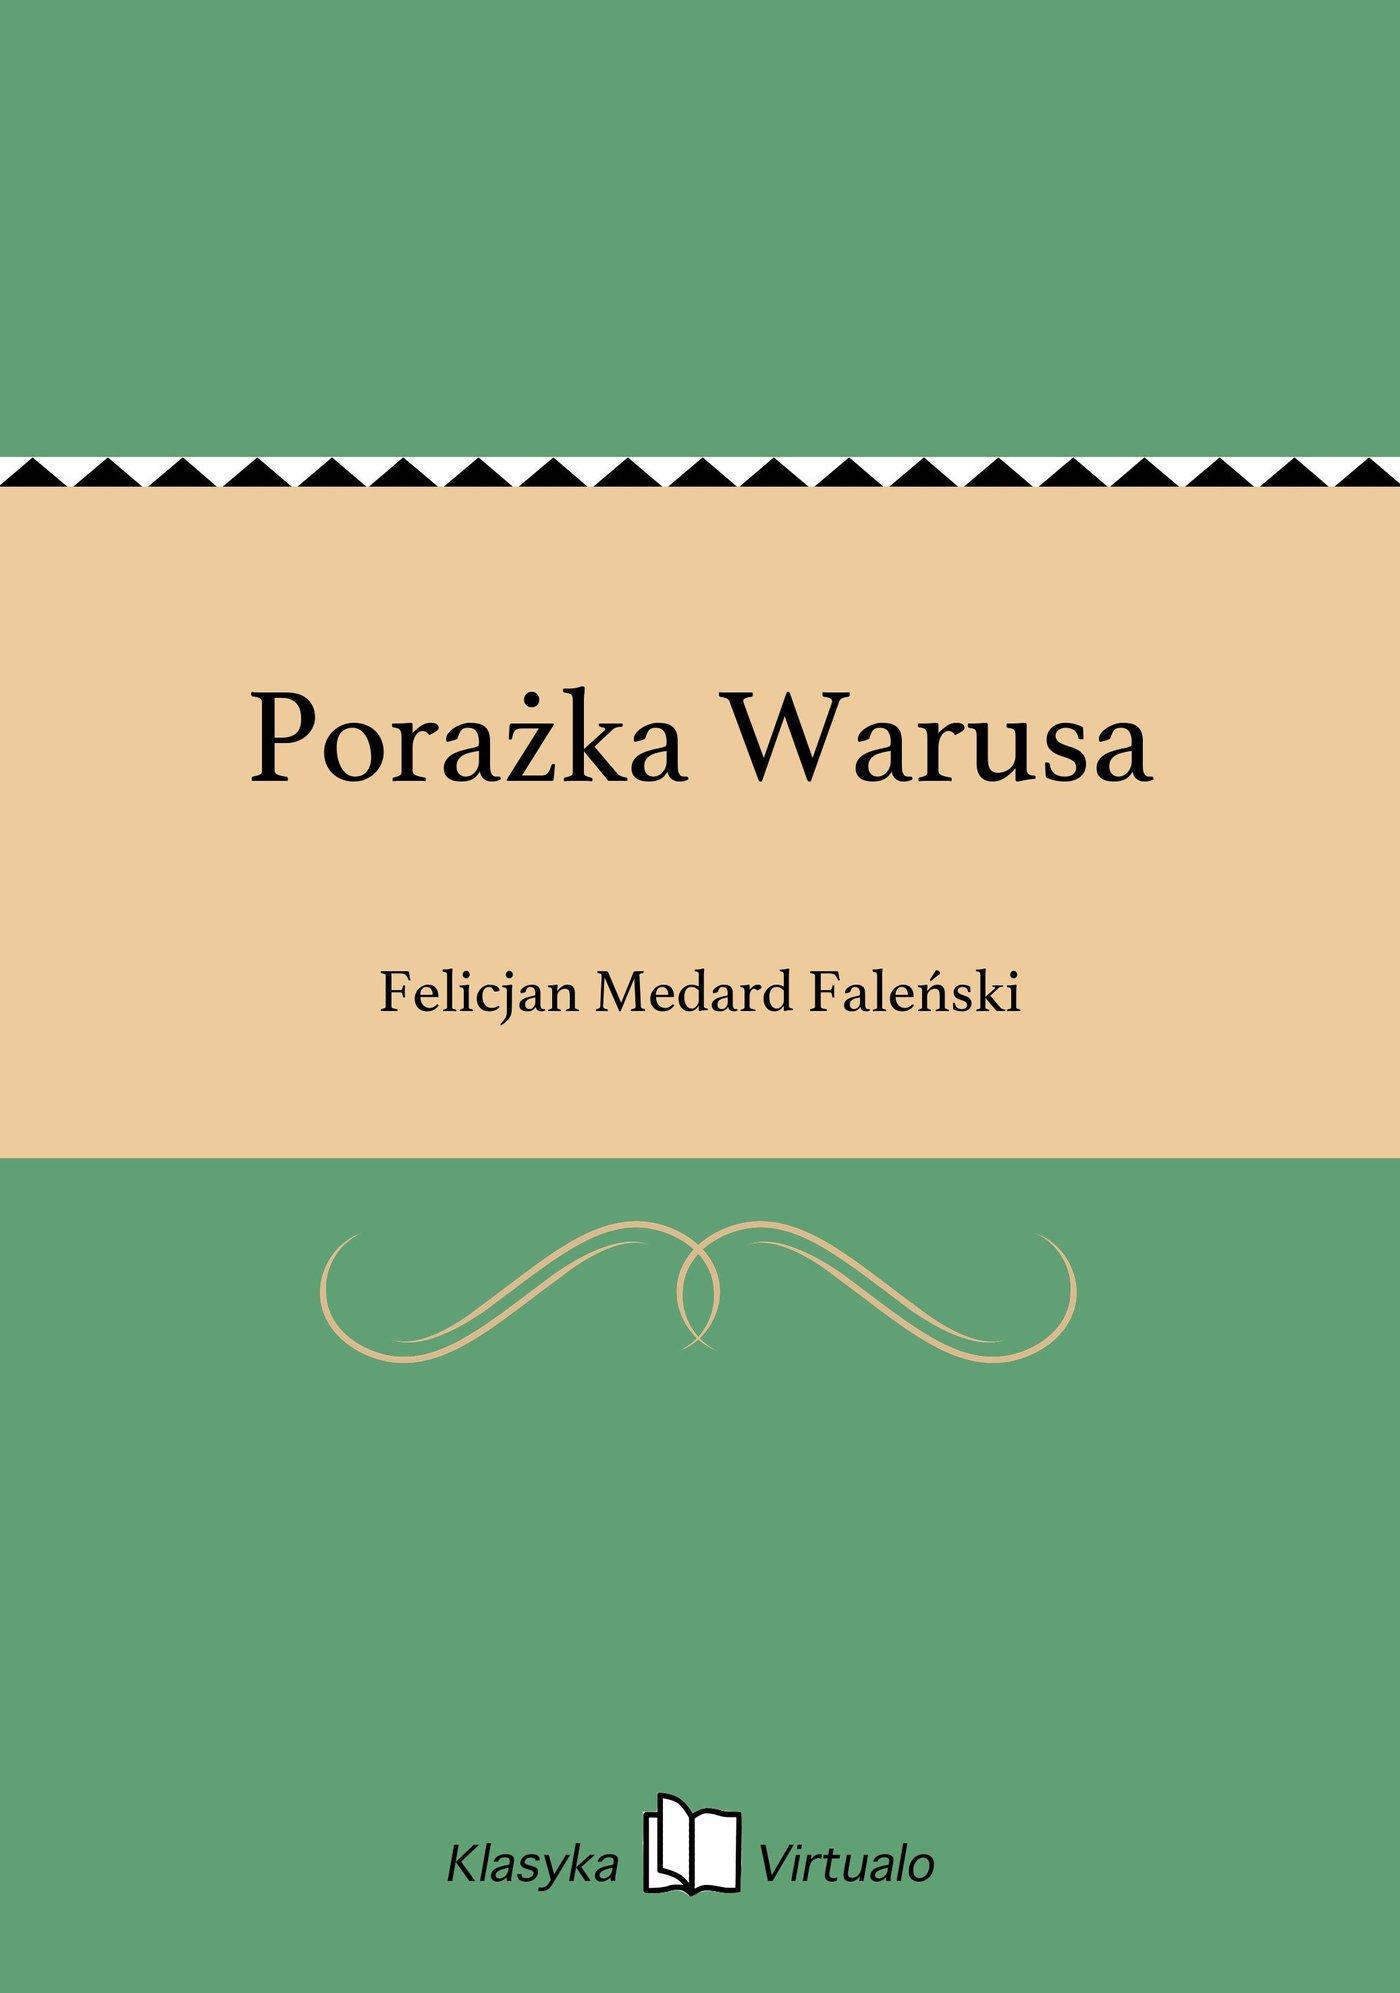 Porażka Warusa - Ebook (Książka EPUB) do pobrania w formacie EPUB